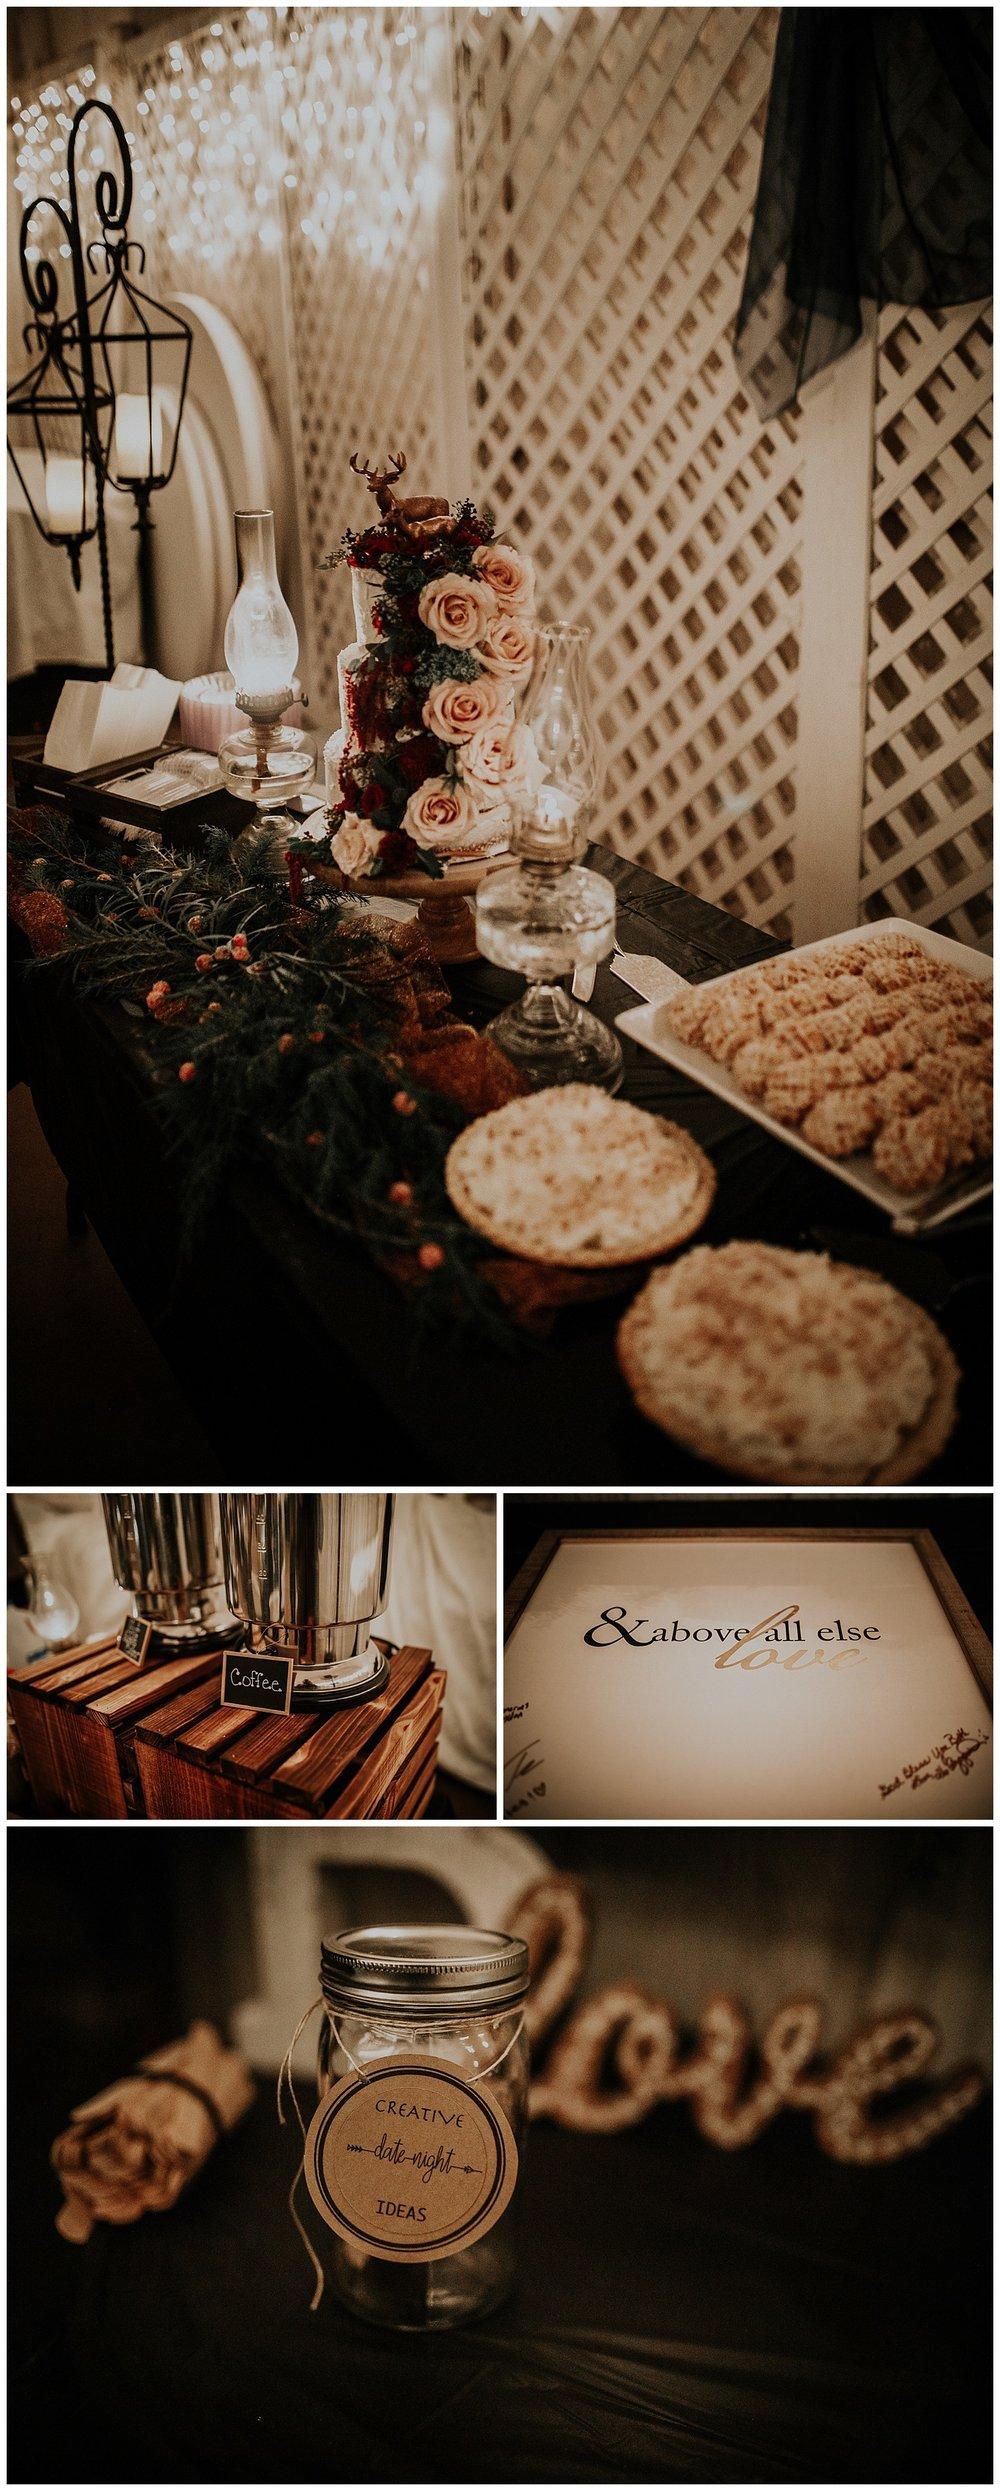 Laken-Mackenzie-Photography-Brownlee-Wedding-Dallas-Fort-Worth-Wedding-Photographer22.jpg